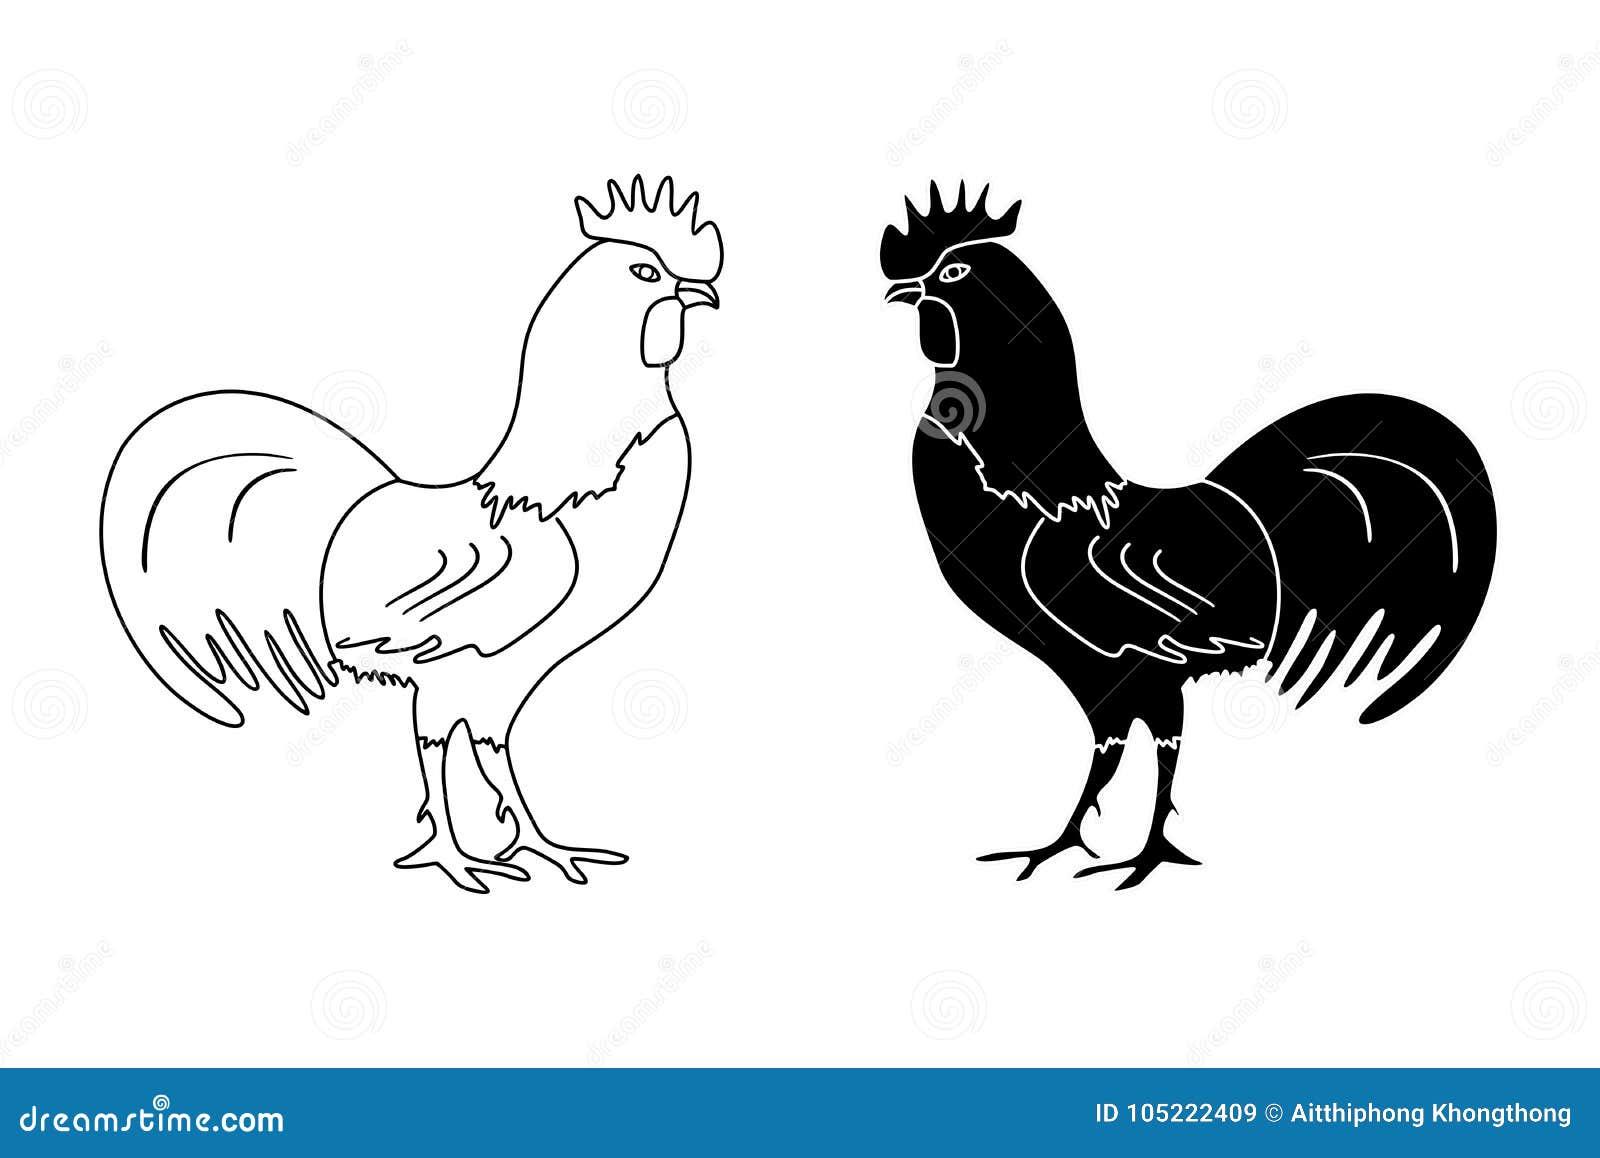 Dessin noir et blanc d 39 ensemble d 39 un coq sur un fond blanc - Dessin fond noir ...